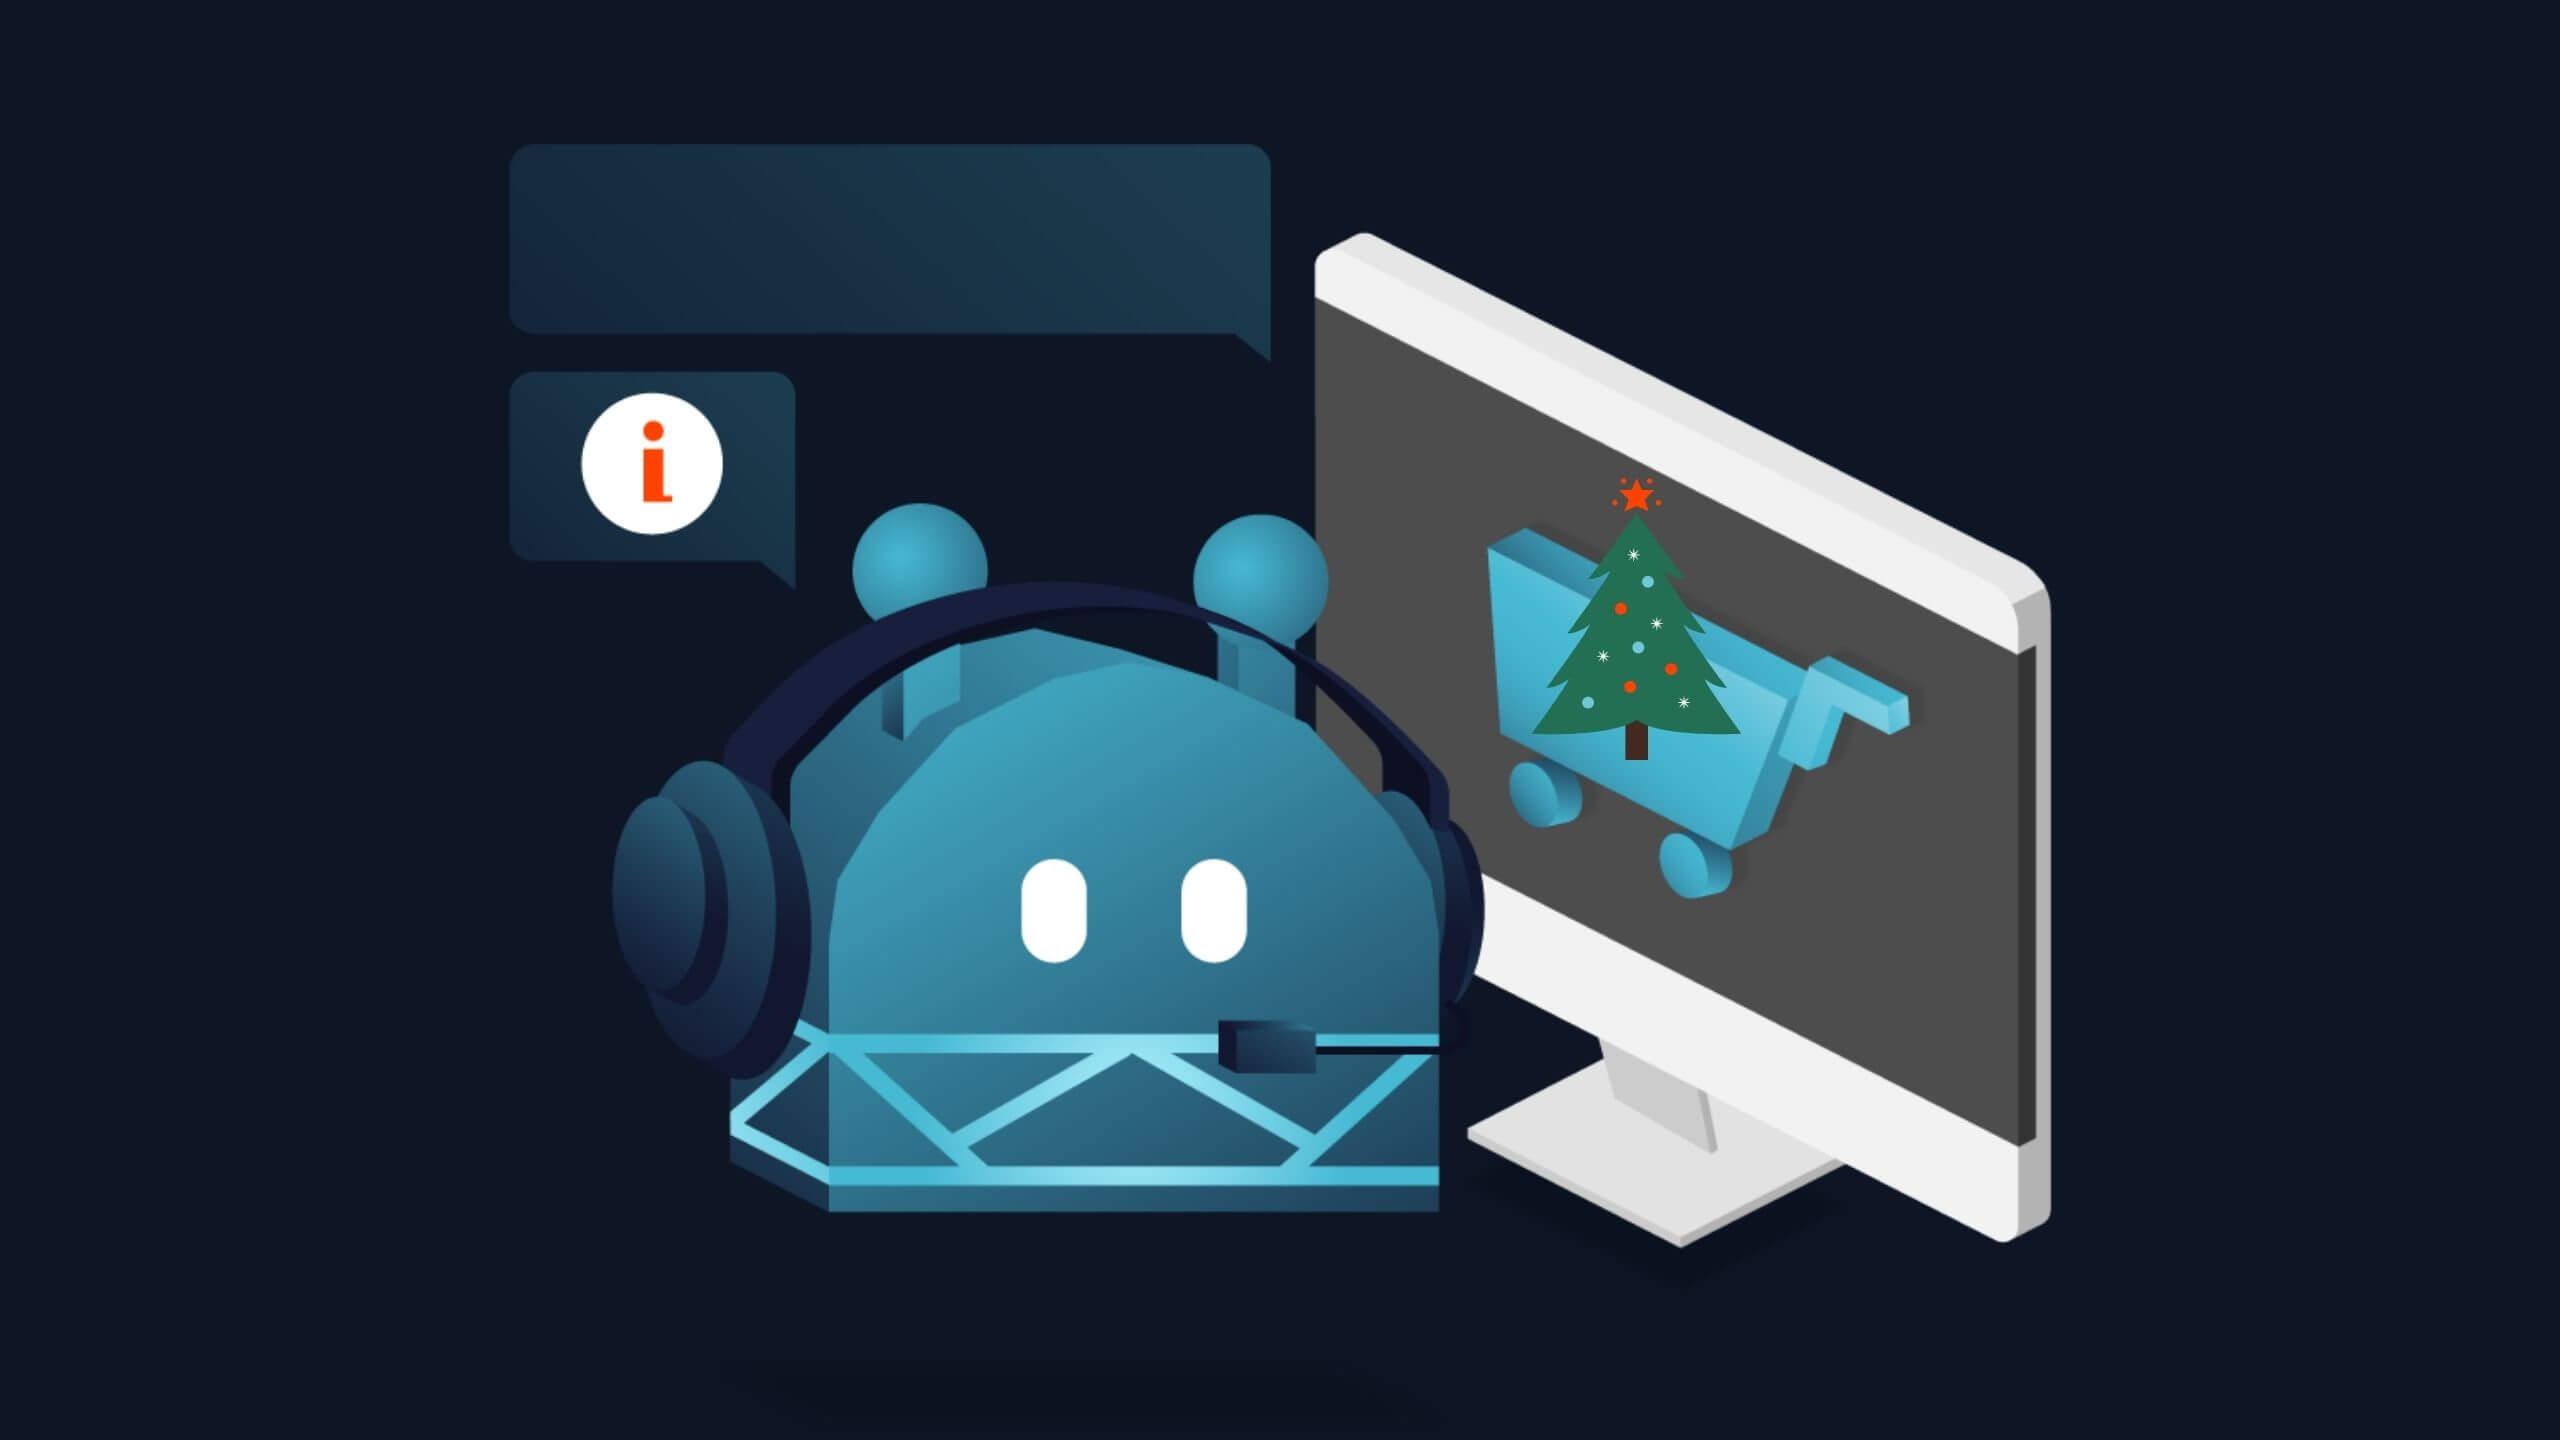 Ein Chatbot hilft beim Weihnachtsgeschäft